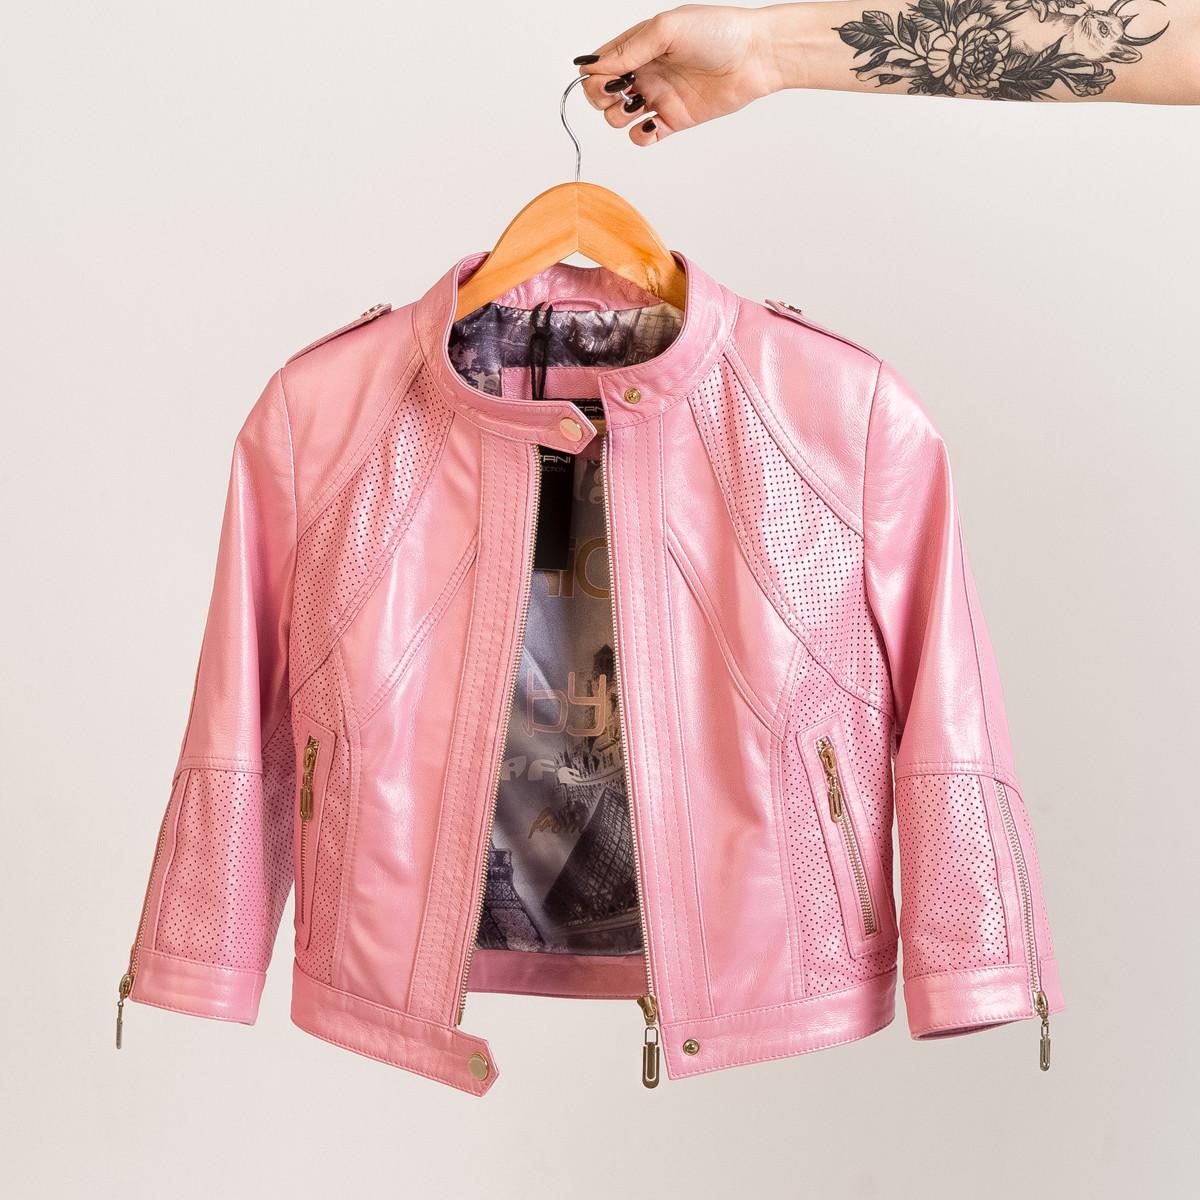 Кожаная куртка VK розовая летняя короткая  (Арт.LT311-P)